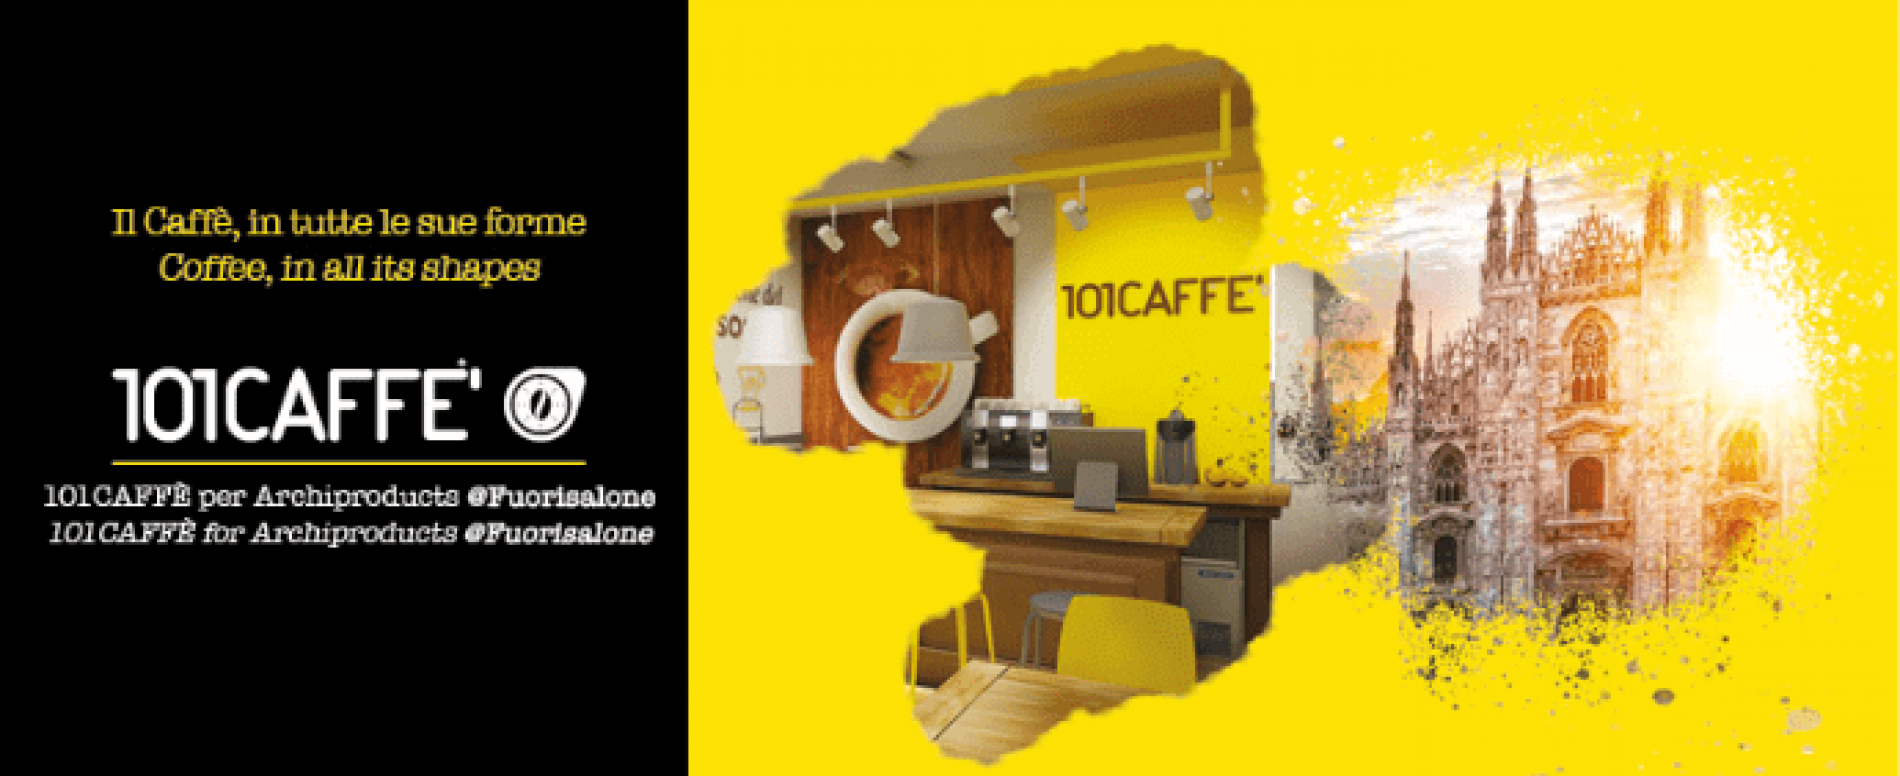 101CAFFÈ al Fuorisalone 2019 porta l'eccellenza italiana del caffè